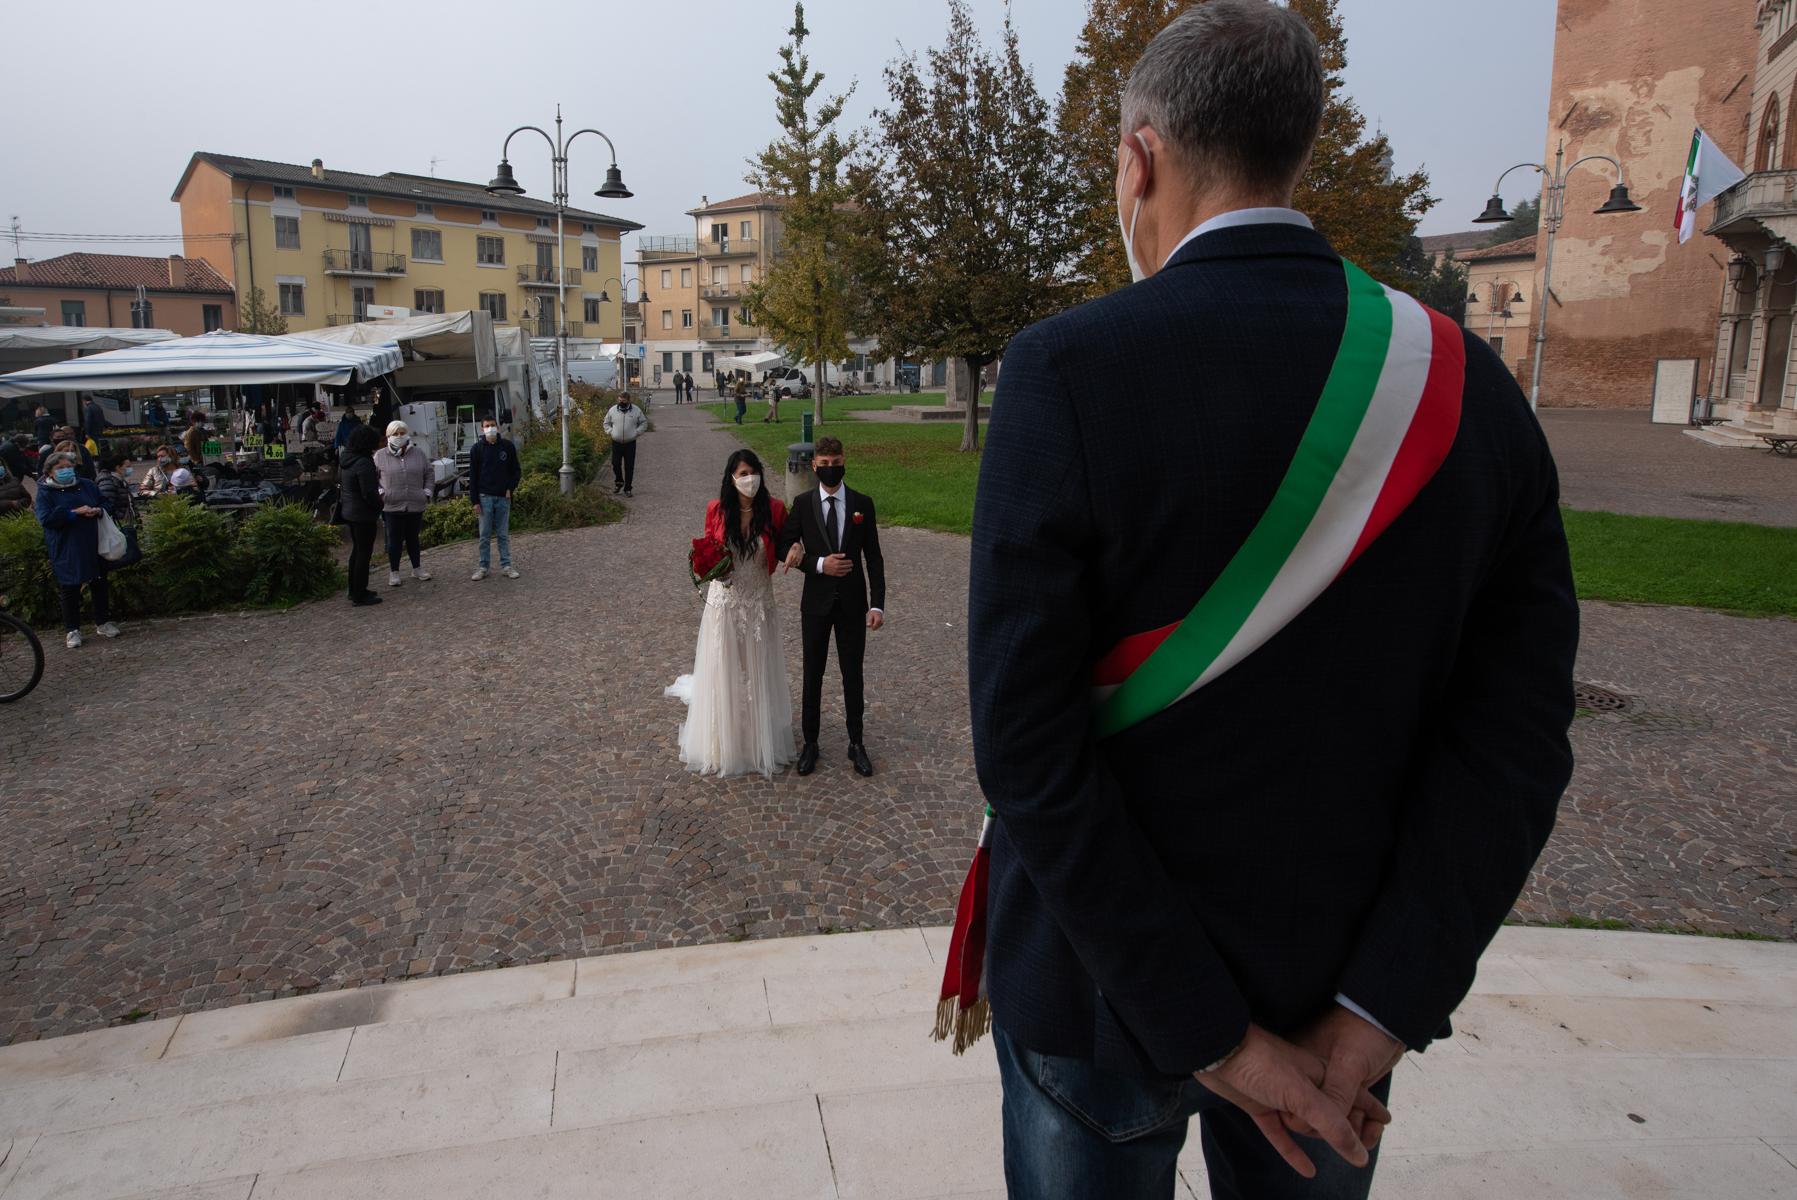 Teatro Nuovo Marmirolo Hochzeitsfotografie | Der Bürgermeister begrüßt das Brautpaar zur standesamtlichen Trauung